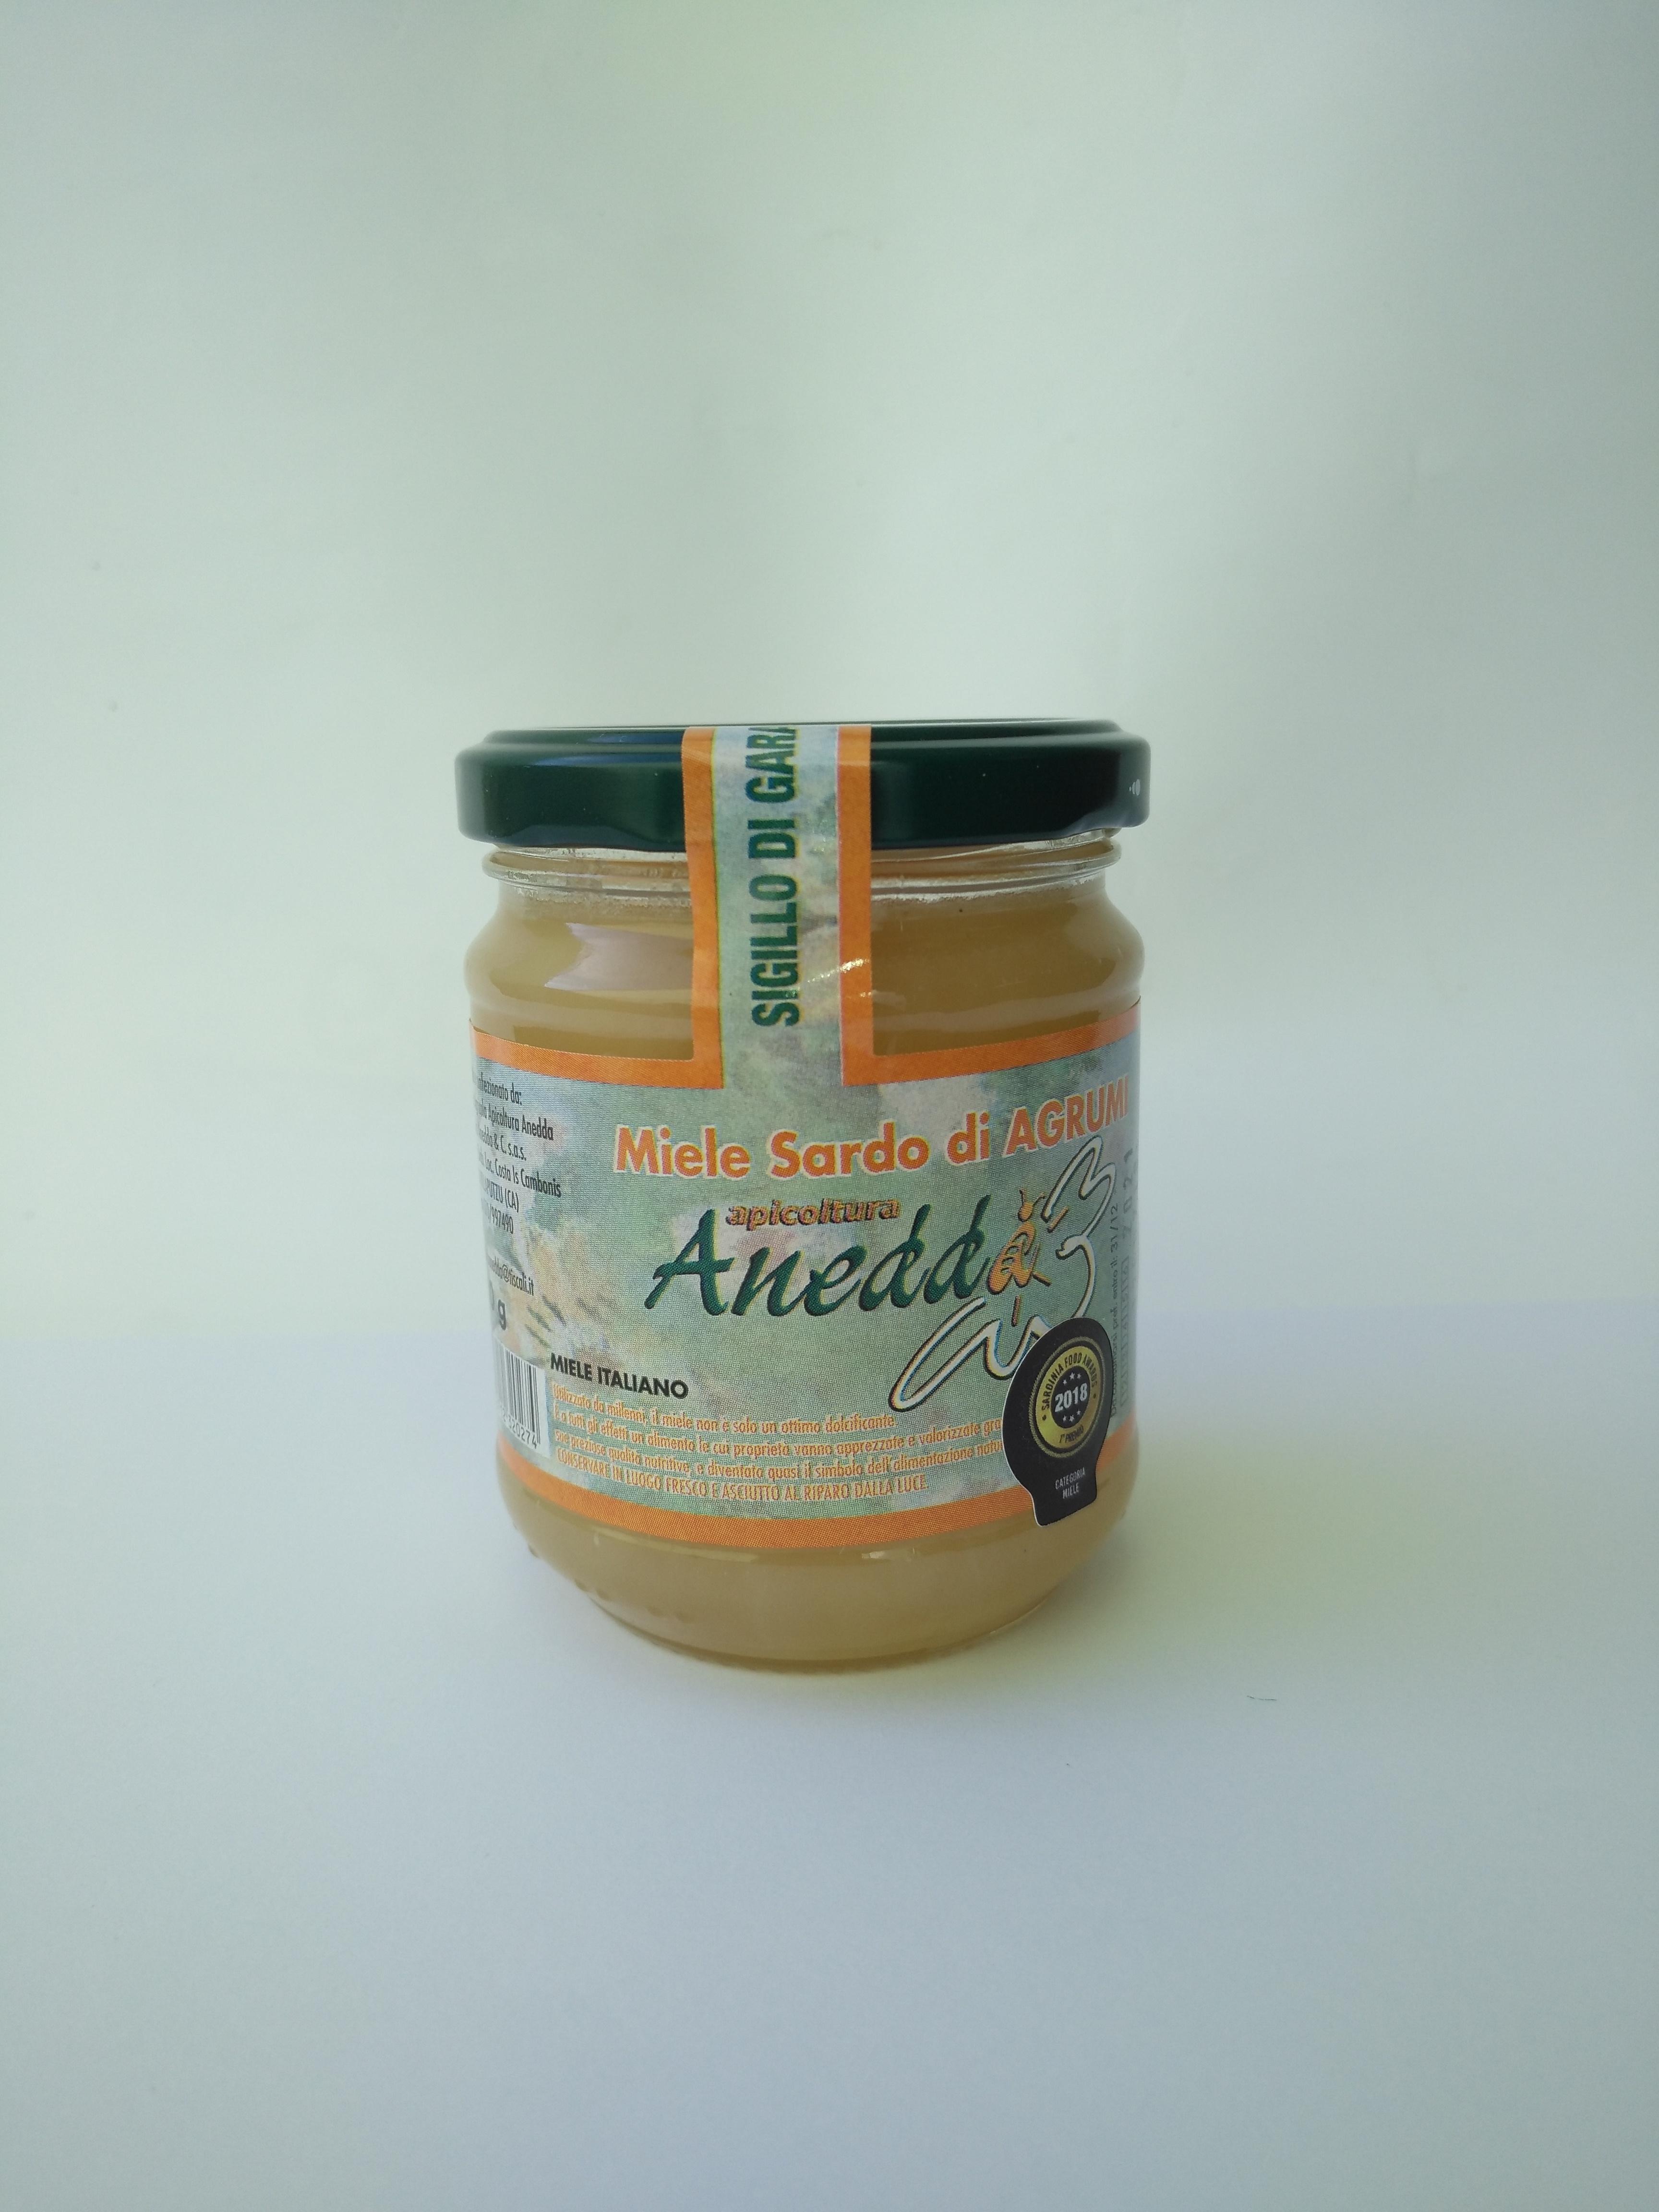 miele di agrumi sardo apicoltura anedda